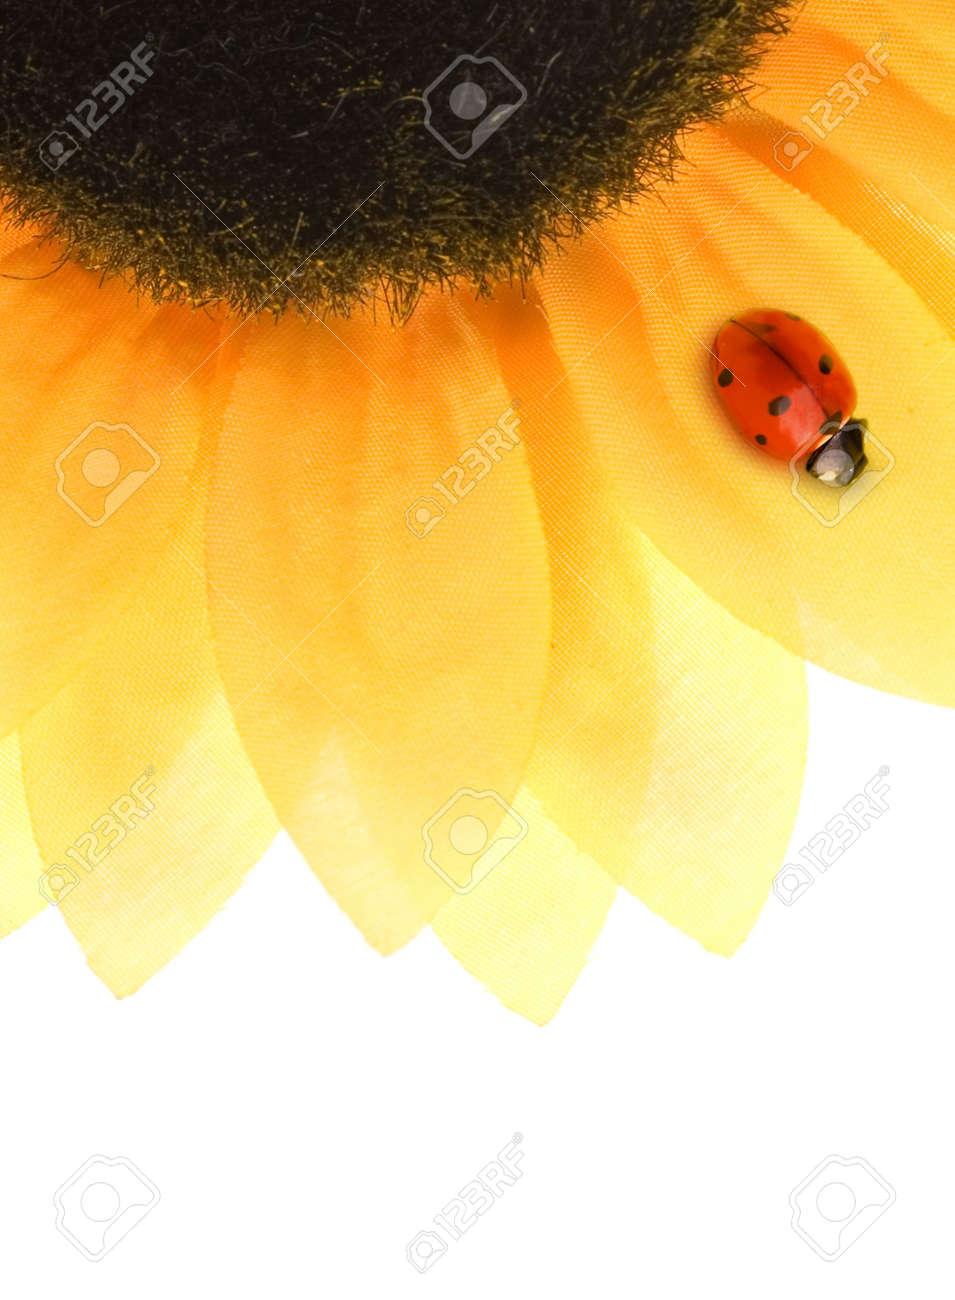 Ladybug sitting on a sunflower Stock Photo - 4380380